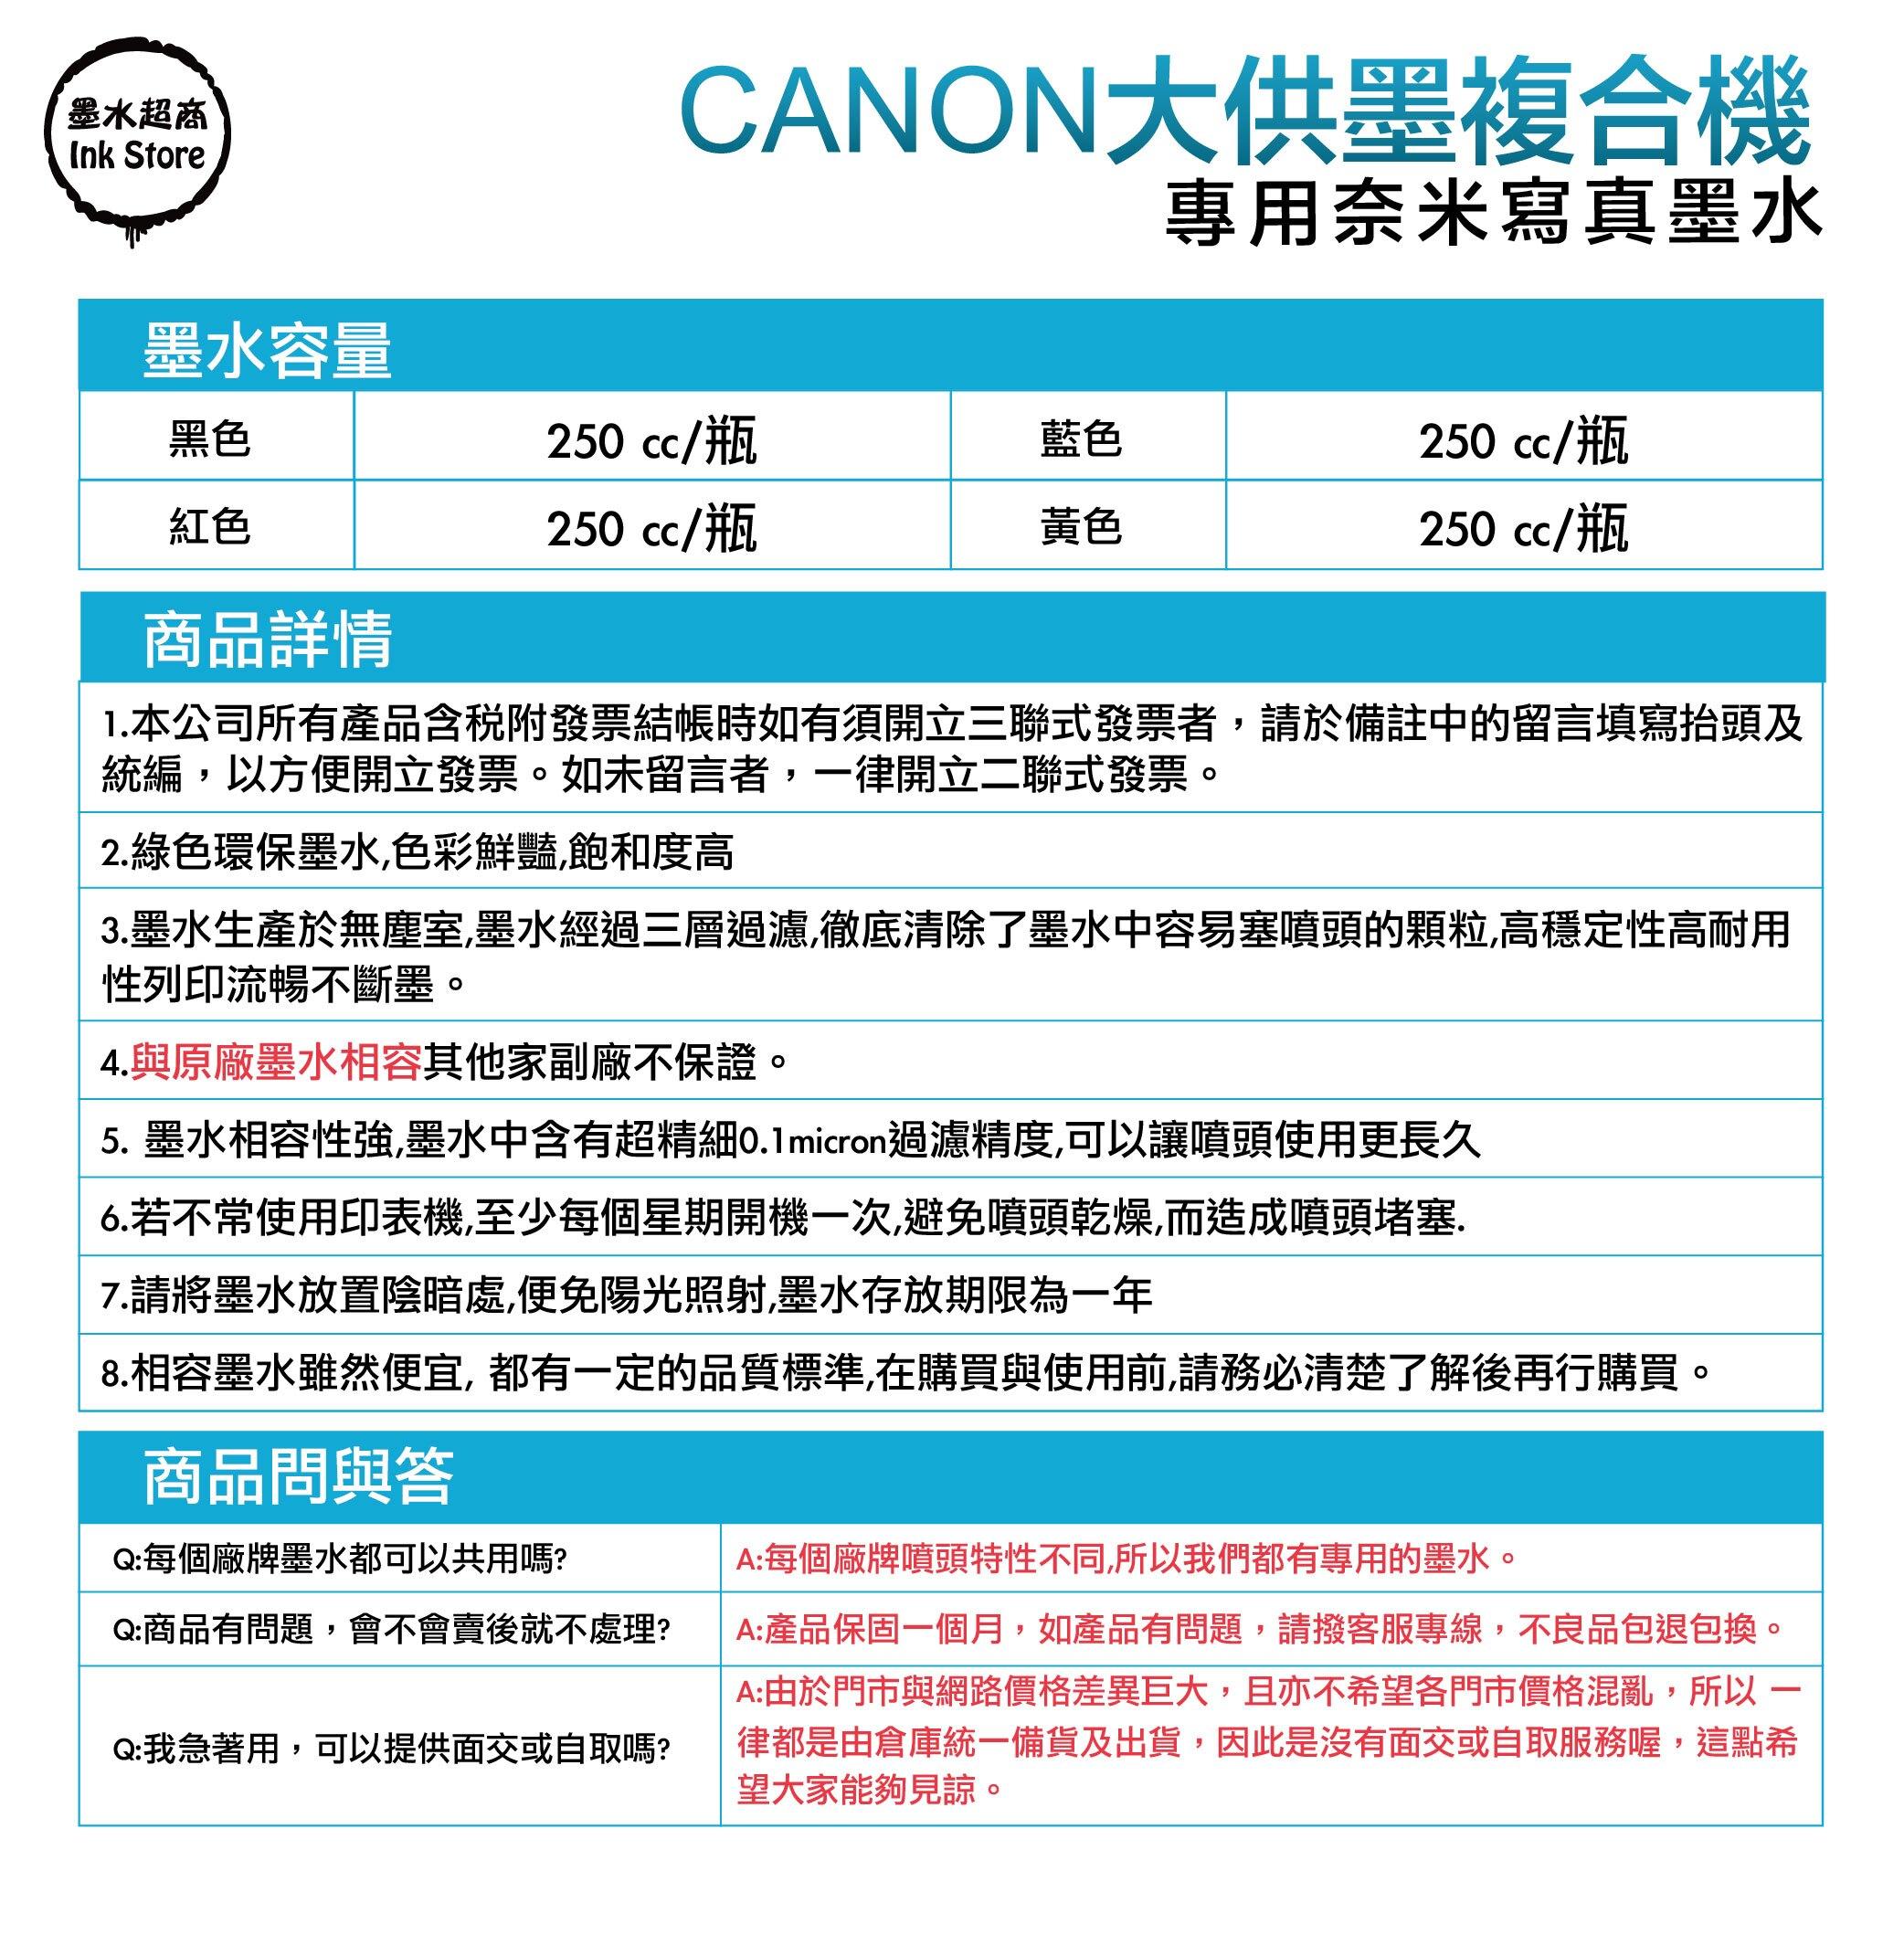 【墨水超商】Canon墨水250cc 高濃度奈米寫真墨水/GI790BK/GI790C/GI790M/GI790Y